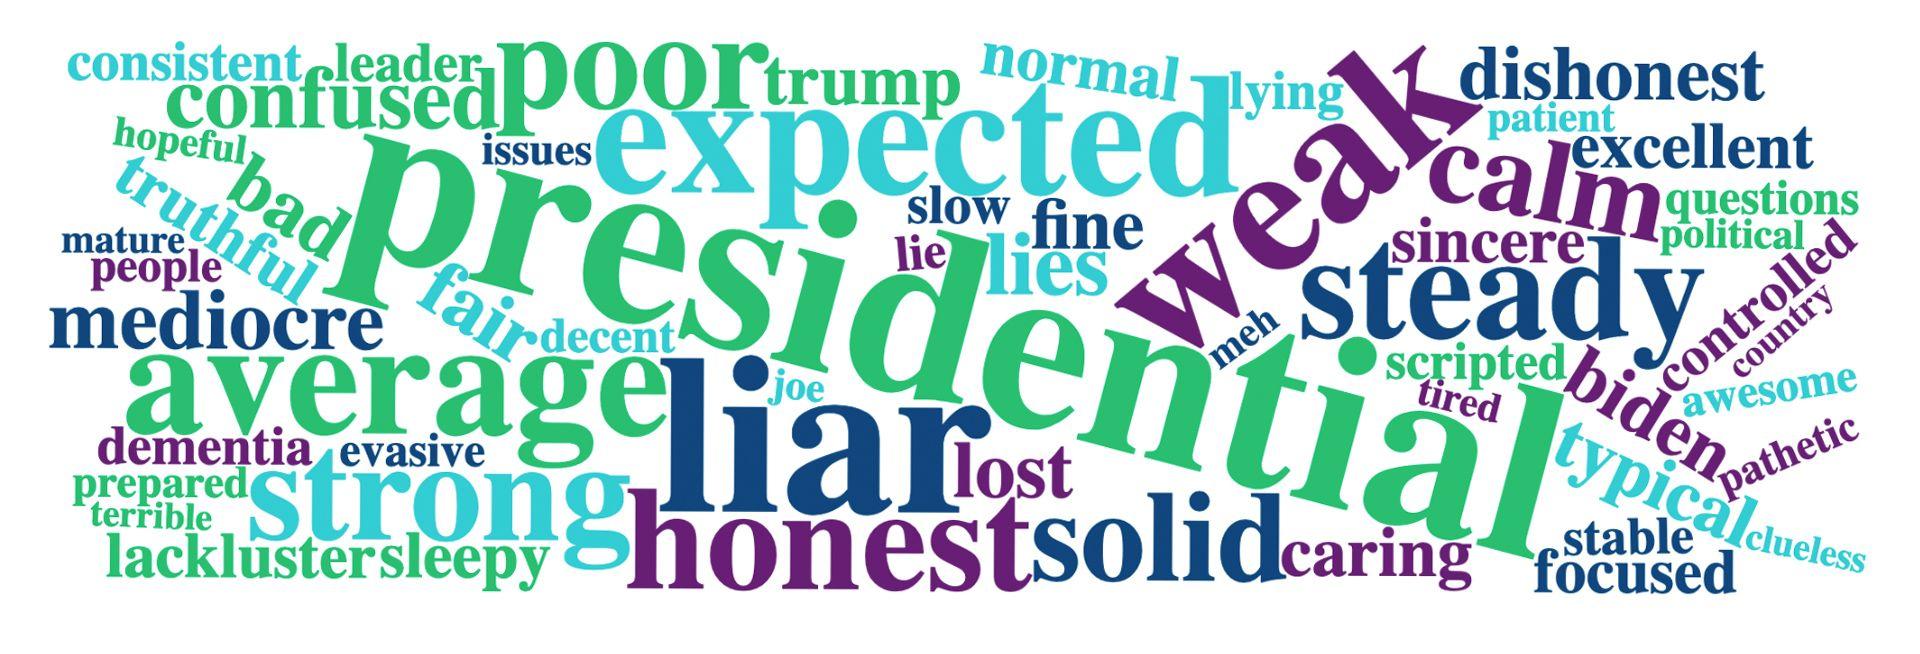 Biden word cloud